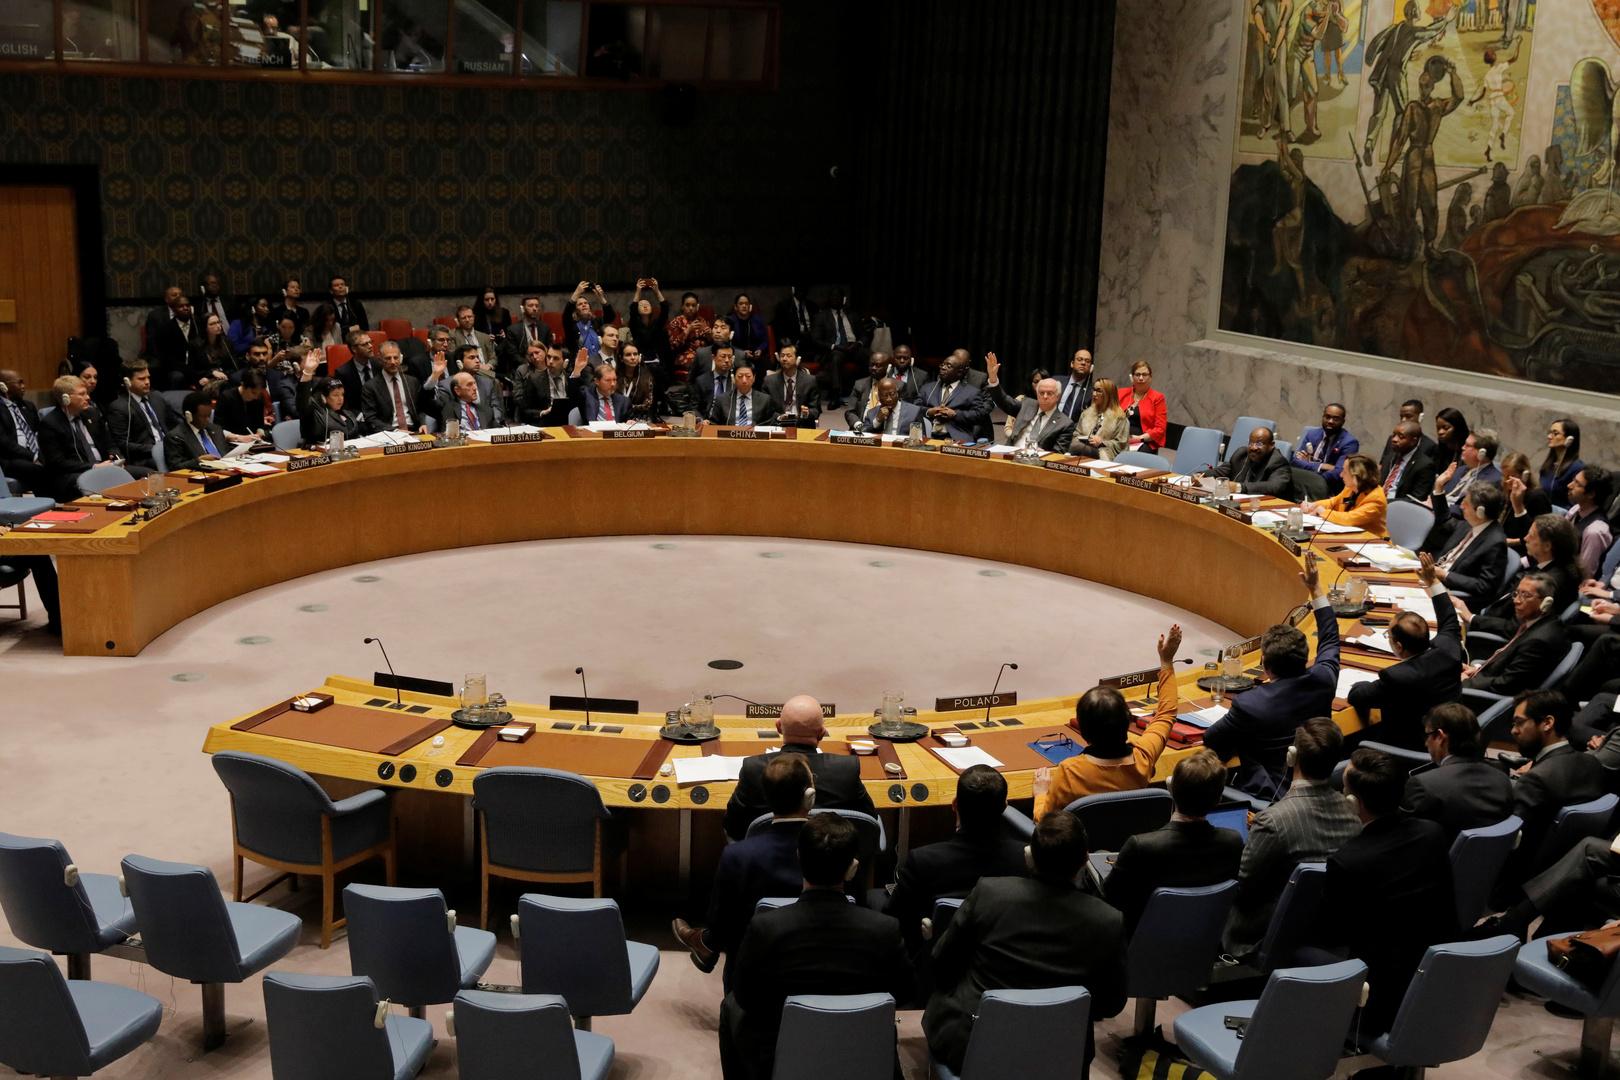 ماذا تعني إعادة واشنطن فرض العقوبات الدولية على إيران؟